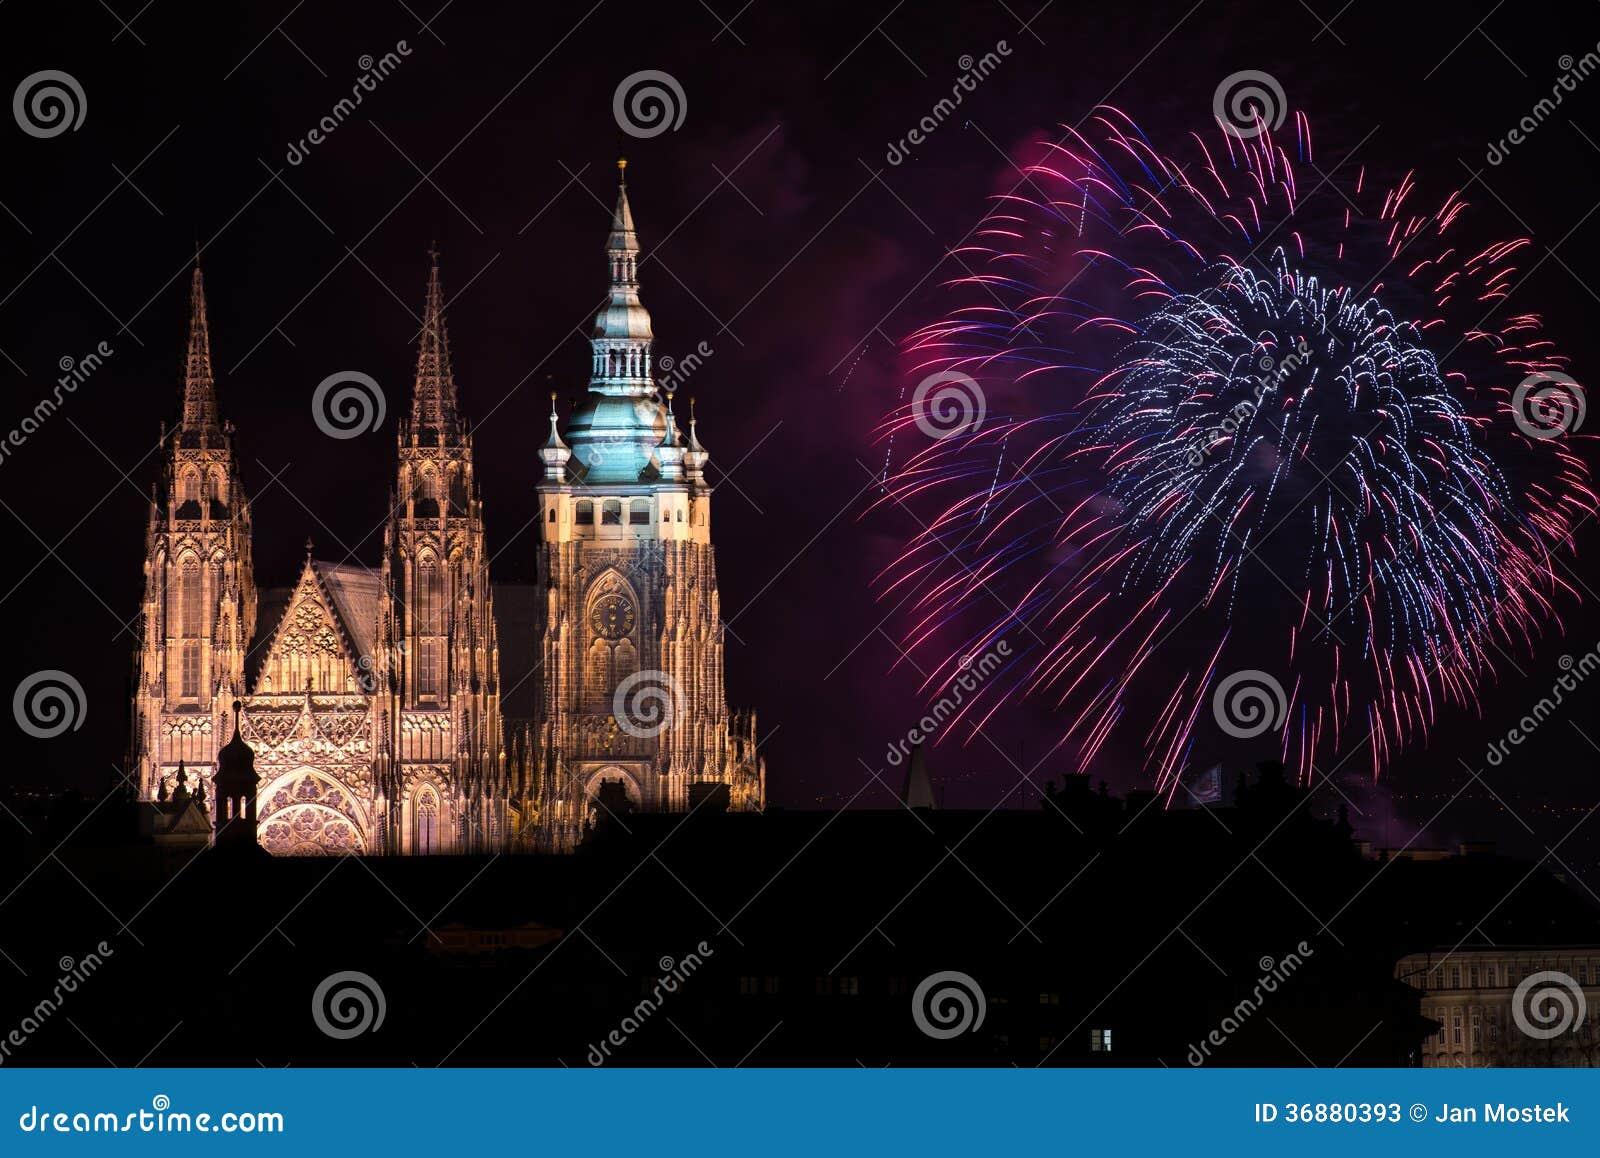 Download Fuochi D'artificio Del Castello Di Praga Immagine Stock - Immagine di religione, corridoio: 36880393